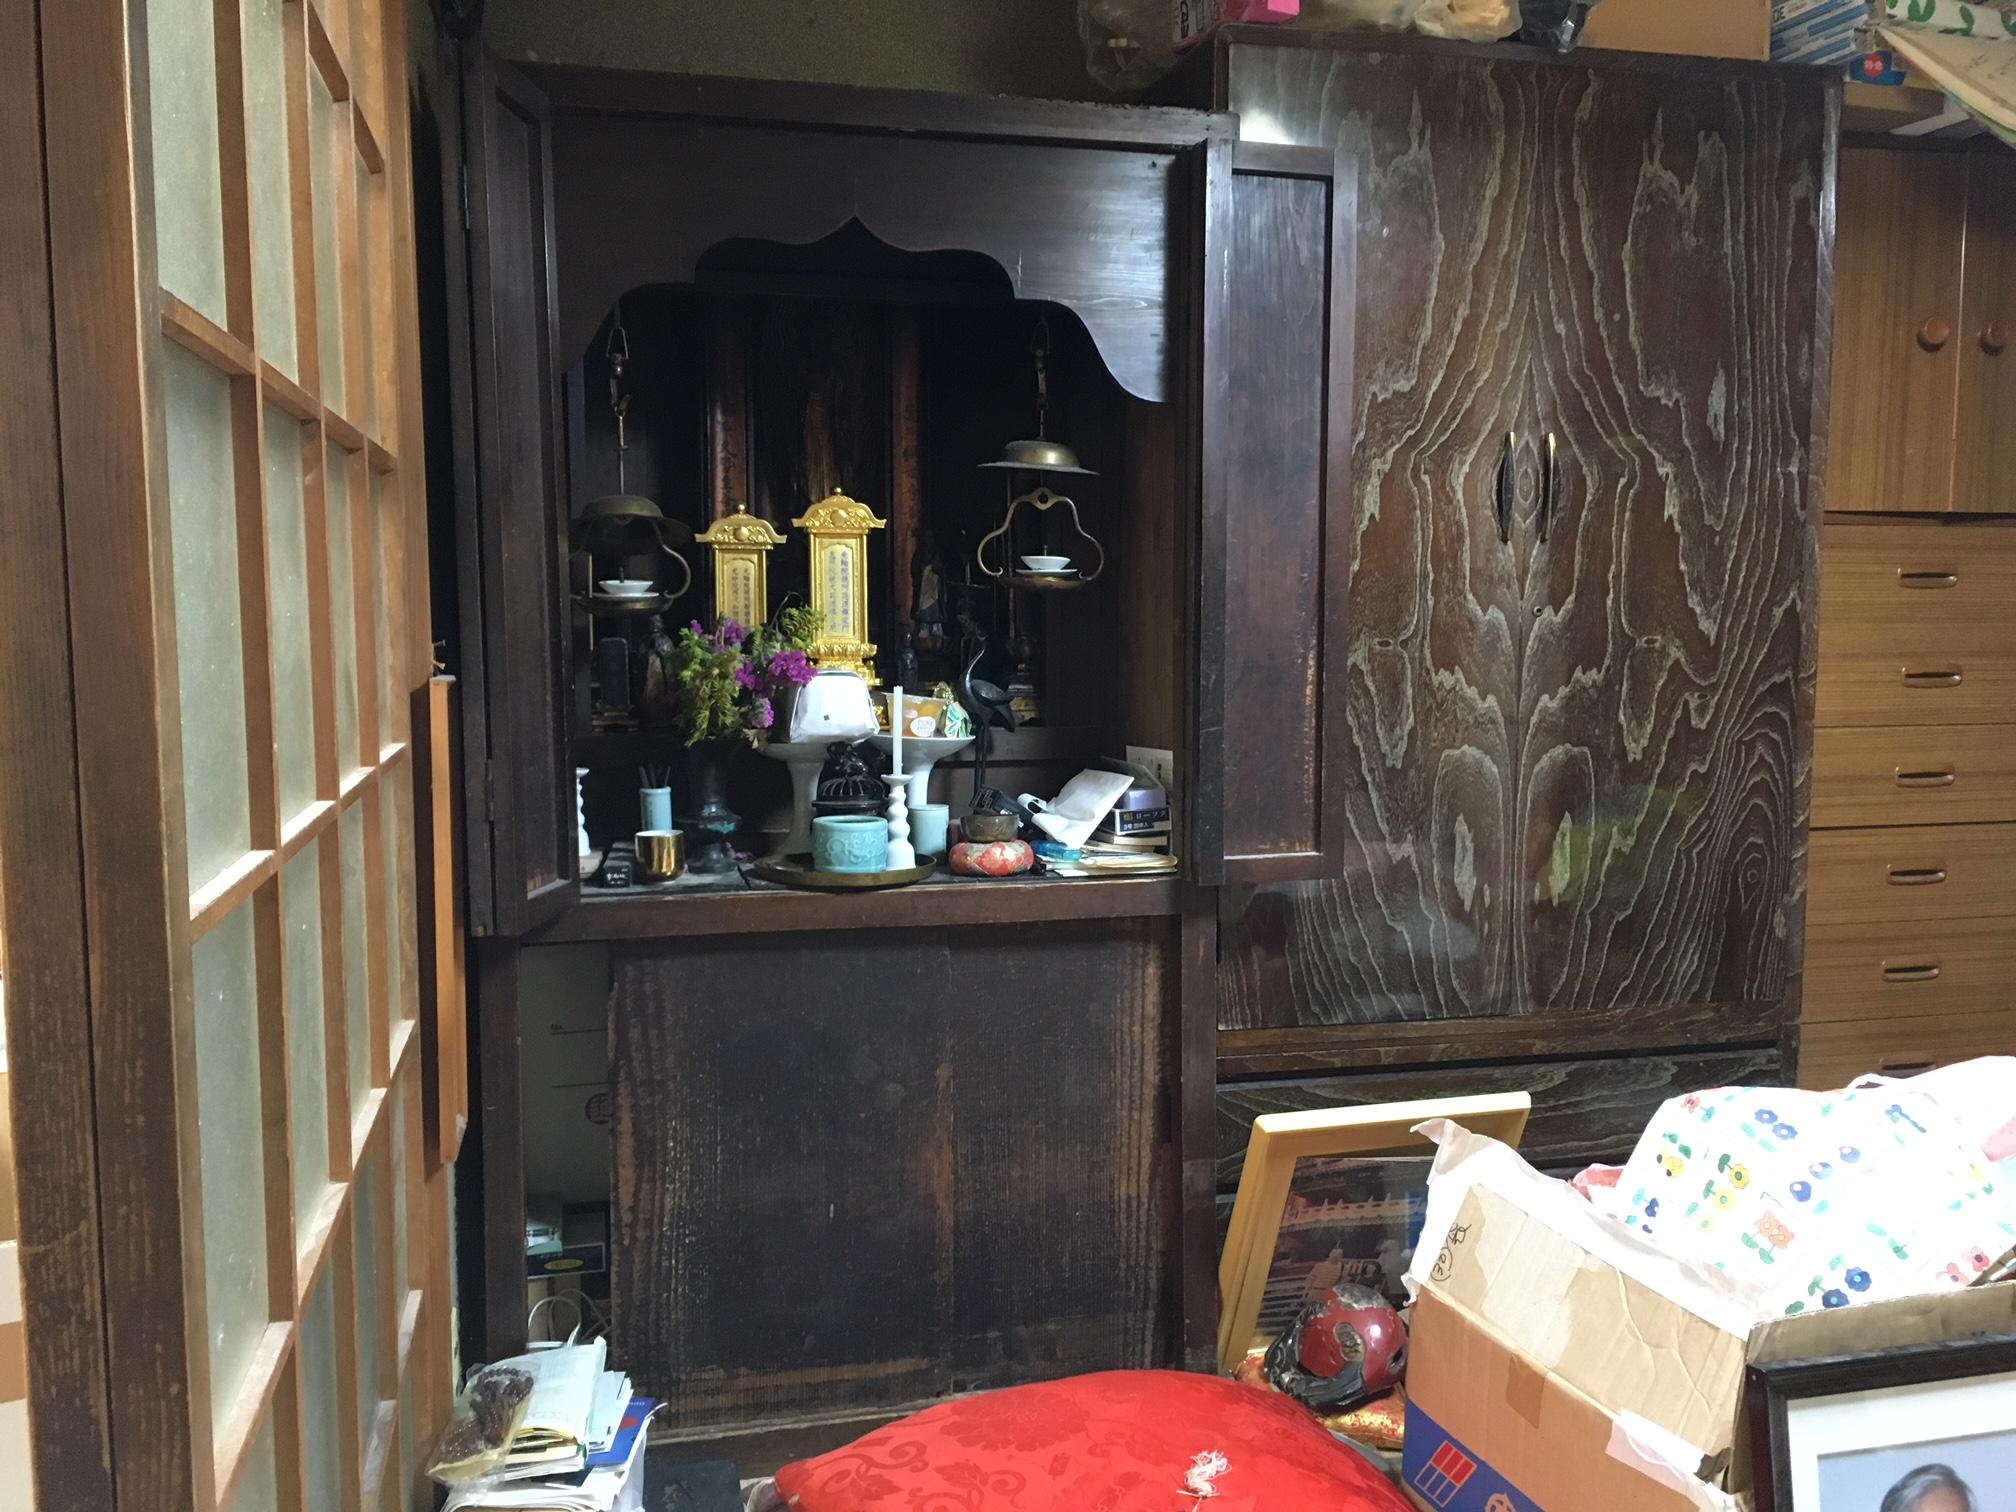 施主様宅のお仏壇。デザインなど歴史を感じるお仏壇です。